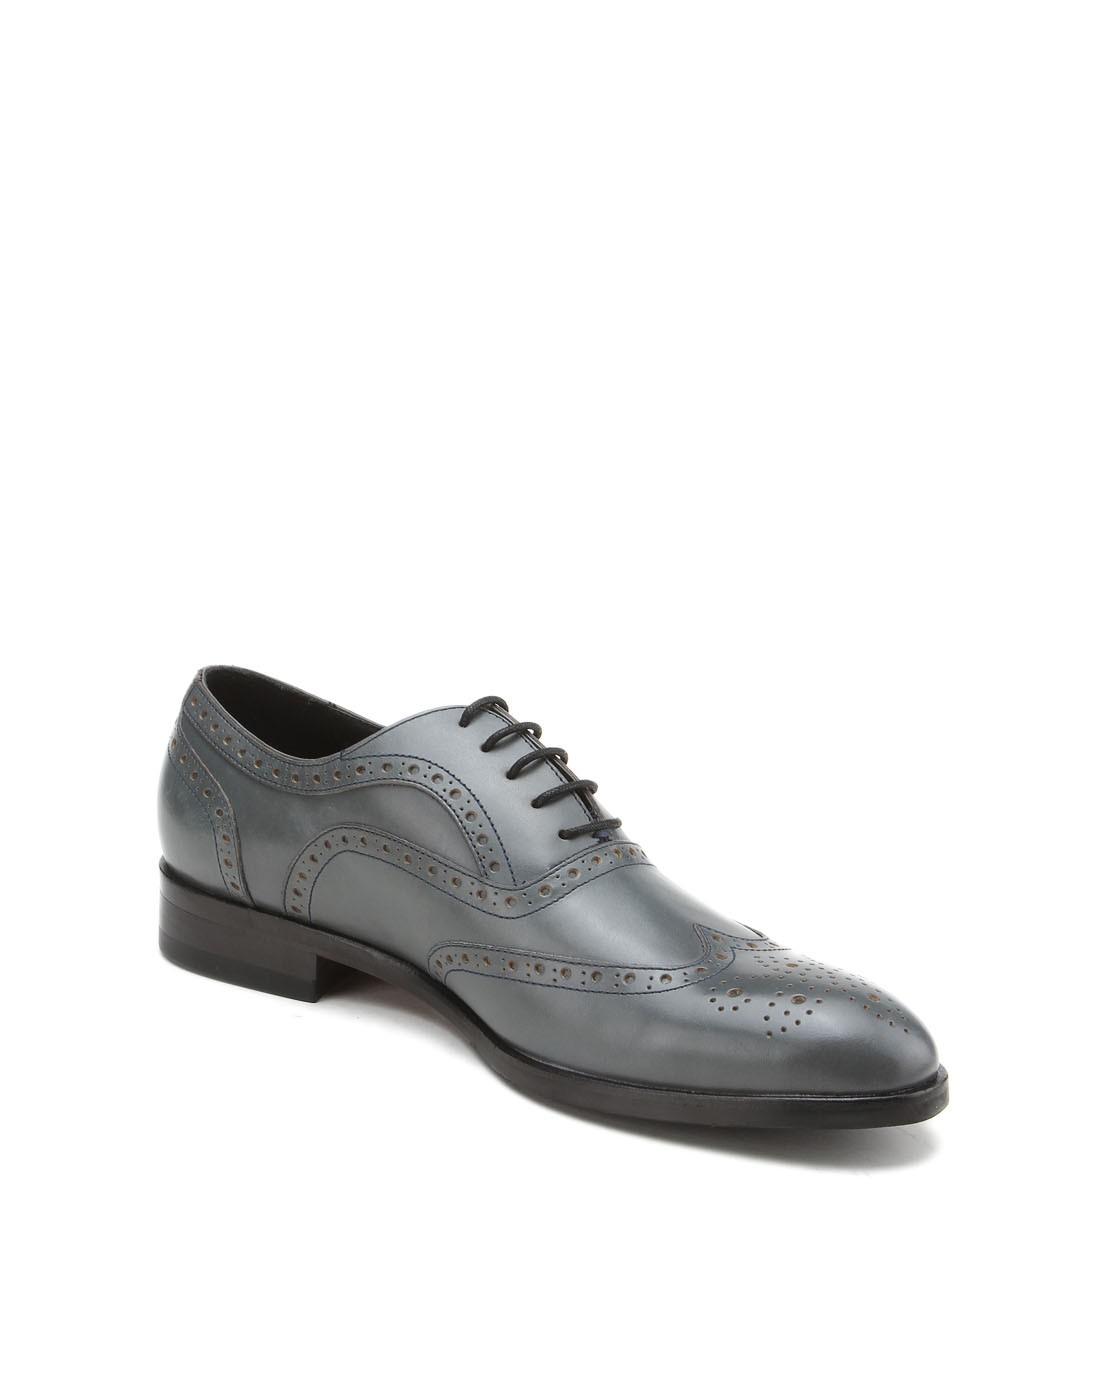 蓝灰色牛皮时尚布洛克皮鞋